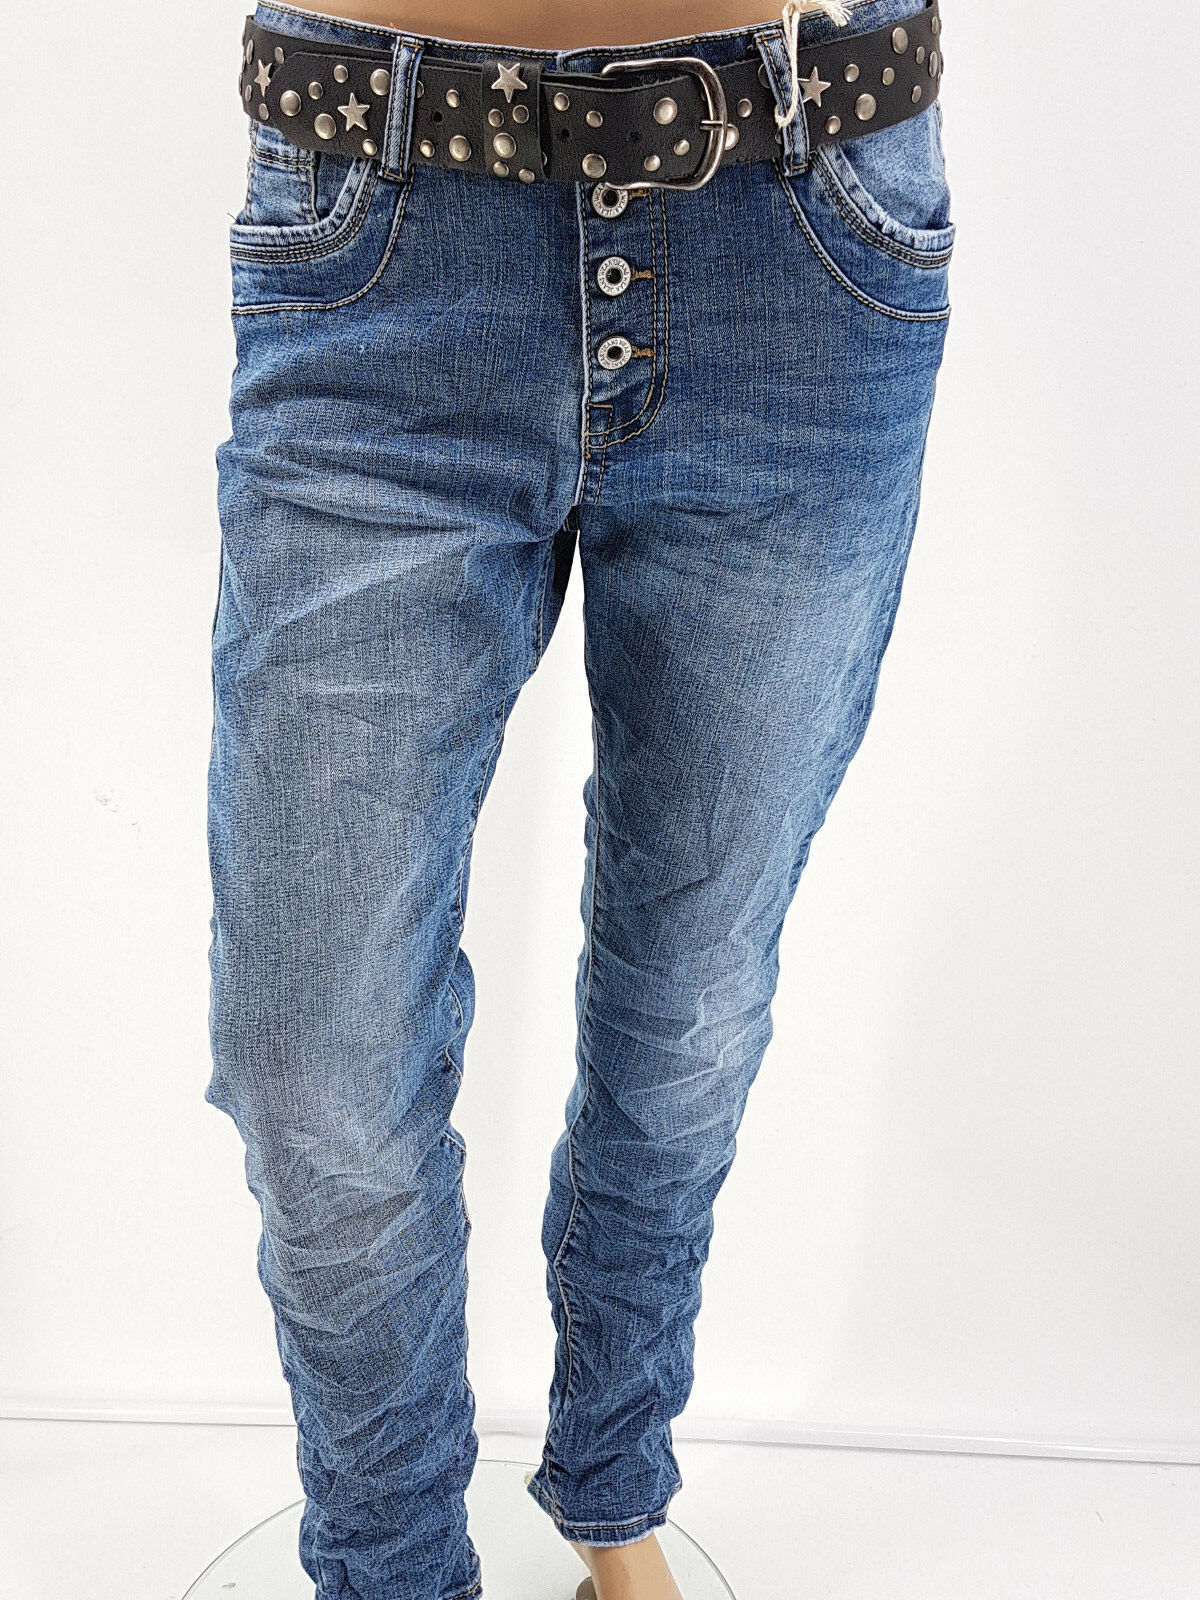 KAROSTAR Baggy Boyfriend basic Jeans lässiger  Style Gr.38 40- 40- 40- 48 | Bekannt für seine schöne Qualität  | Grüne, neue Technologie  | Modernes Design  | Hochwertige Produkte  | Feine Verarbeitung  6153dc